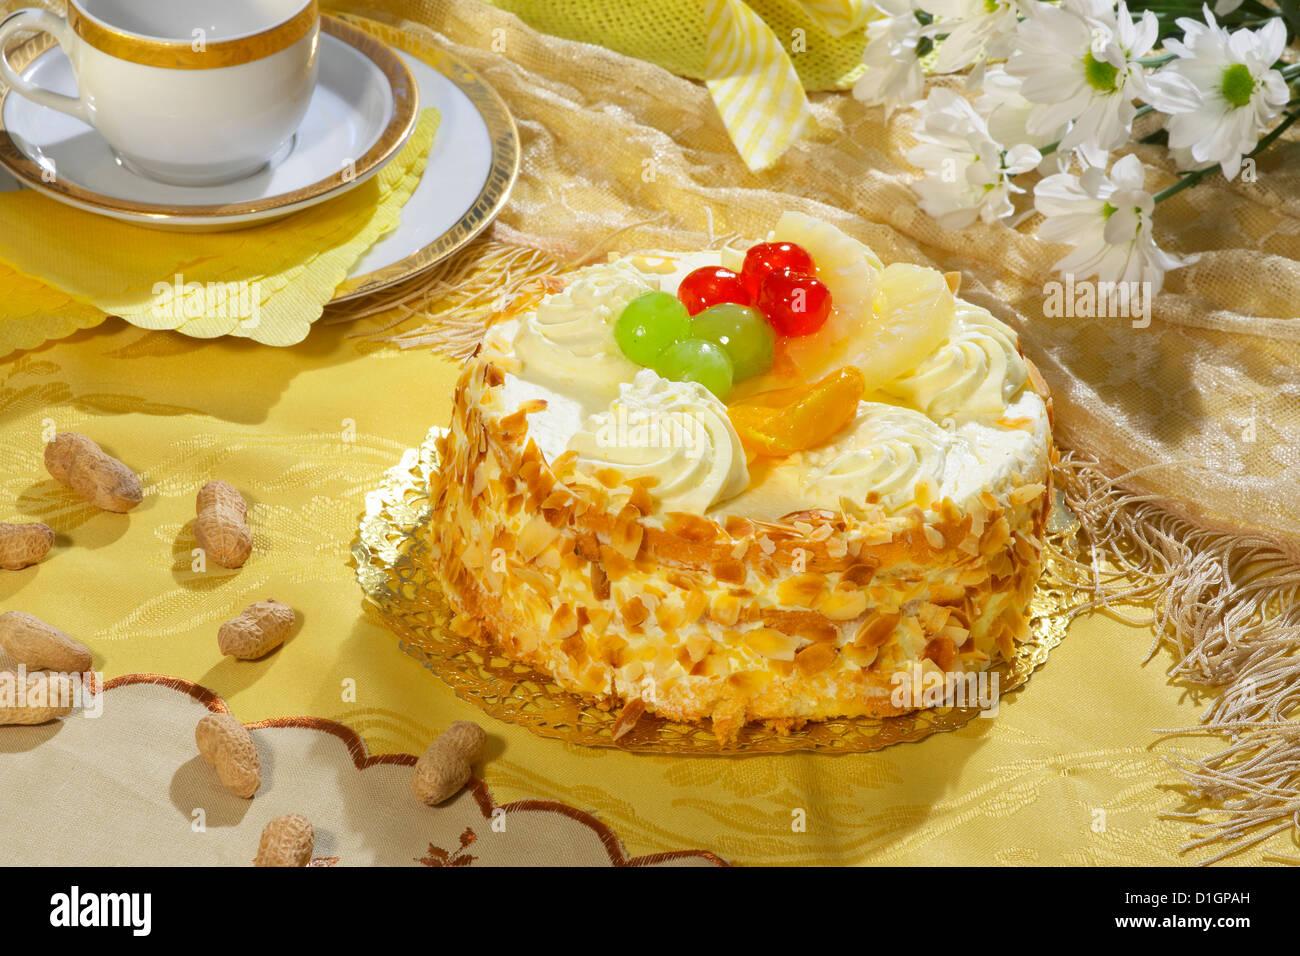 Vanilla Cream Cake - Stock Image